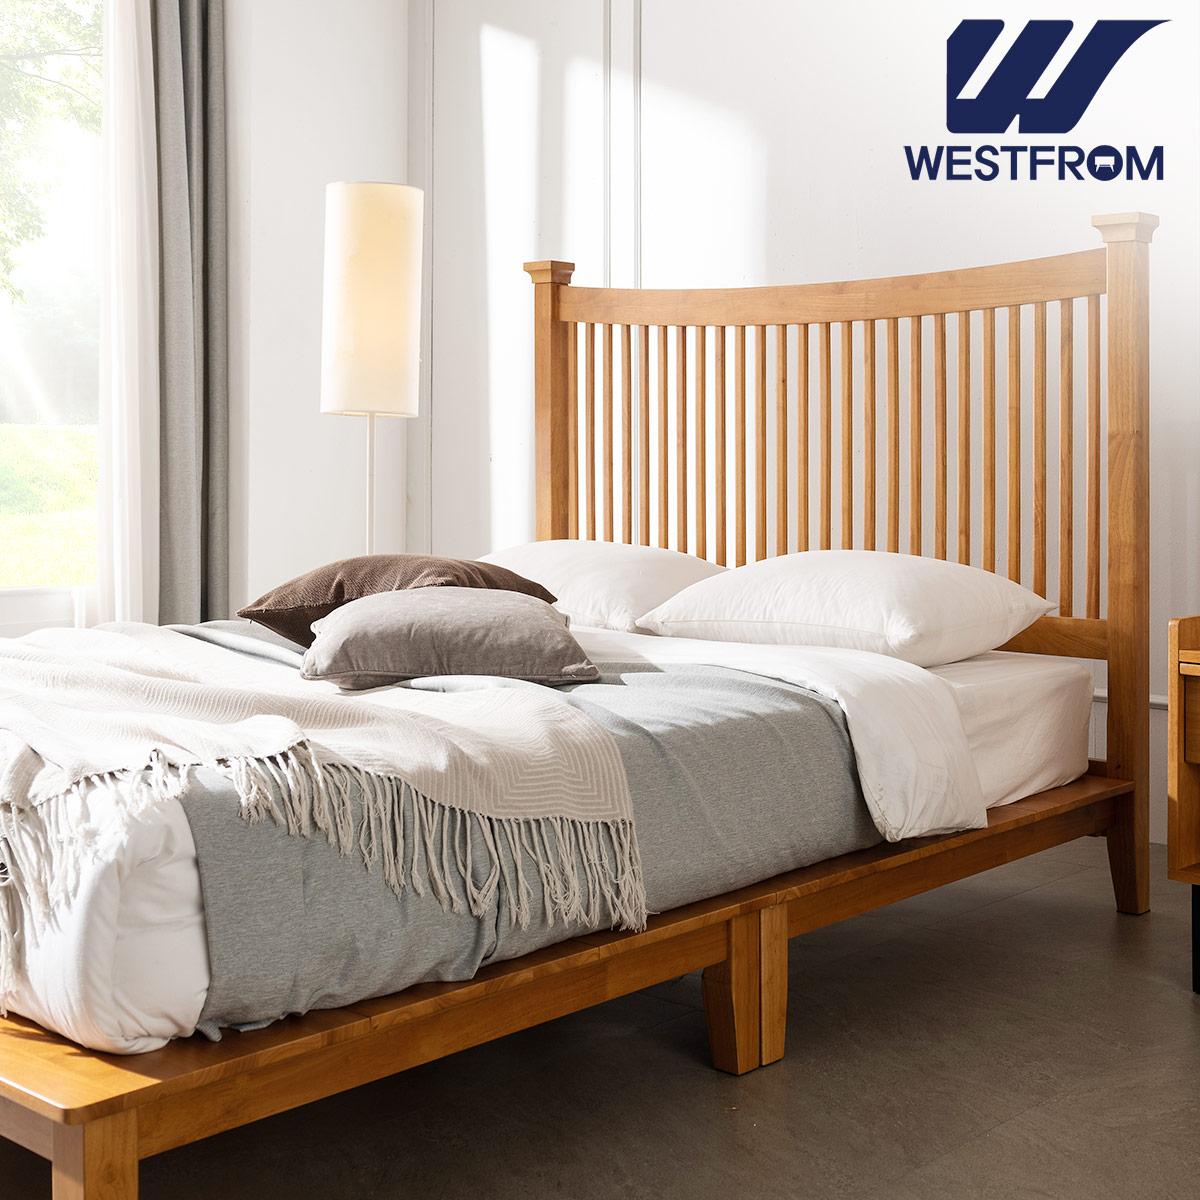 [웨스트프롬] 모던 마가렛) 고무나무원목 평상형 침대(Q,K공용) / 텐더 호수 K매트리스 / 전국착불